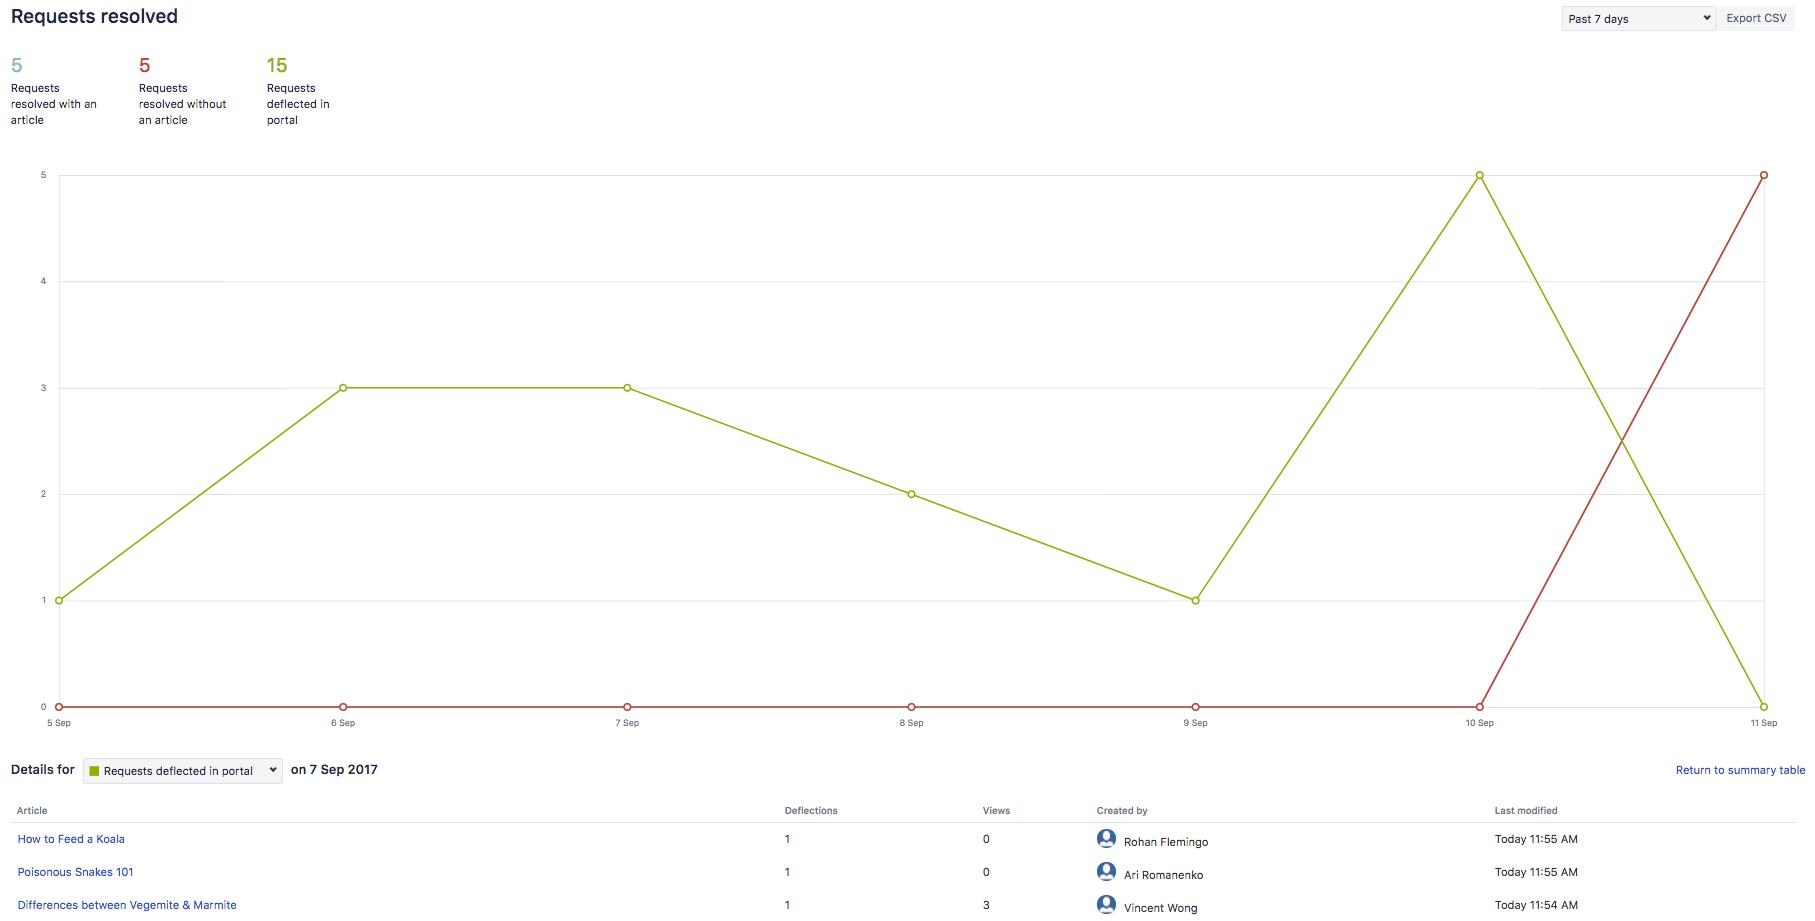 Wykres rozwiązanych wniosków